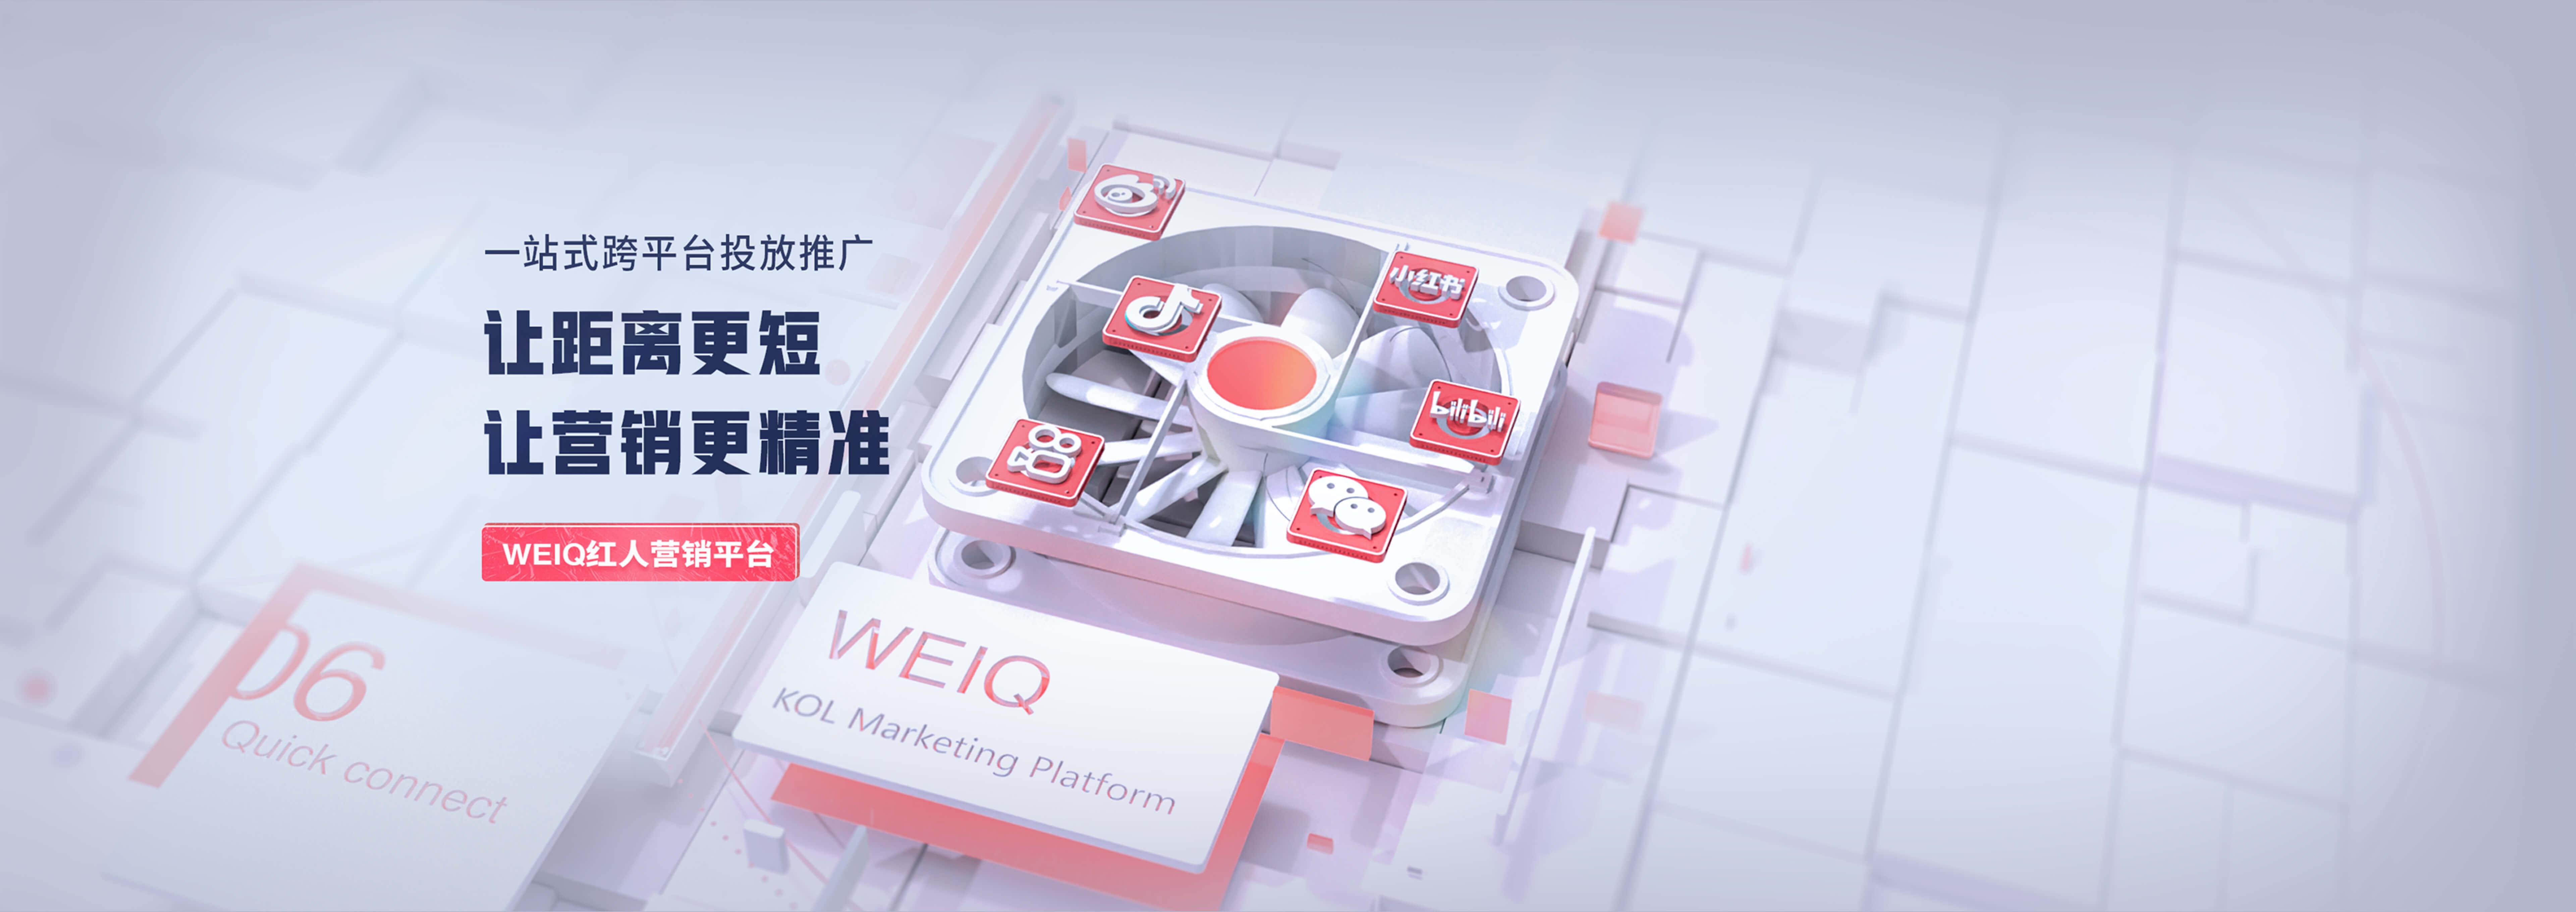 weiq平台总览